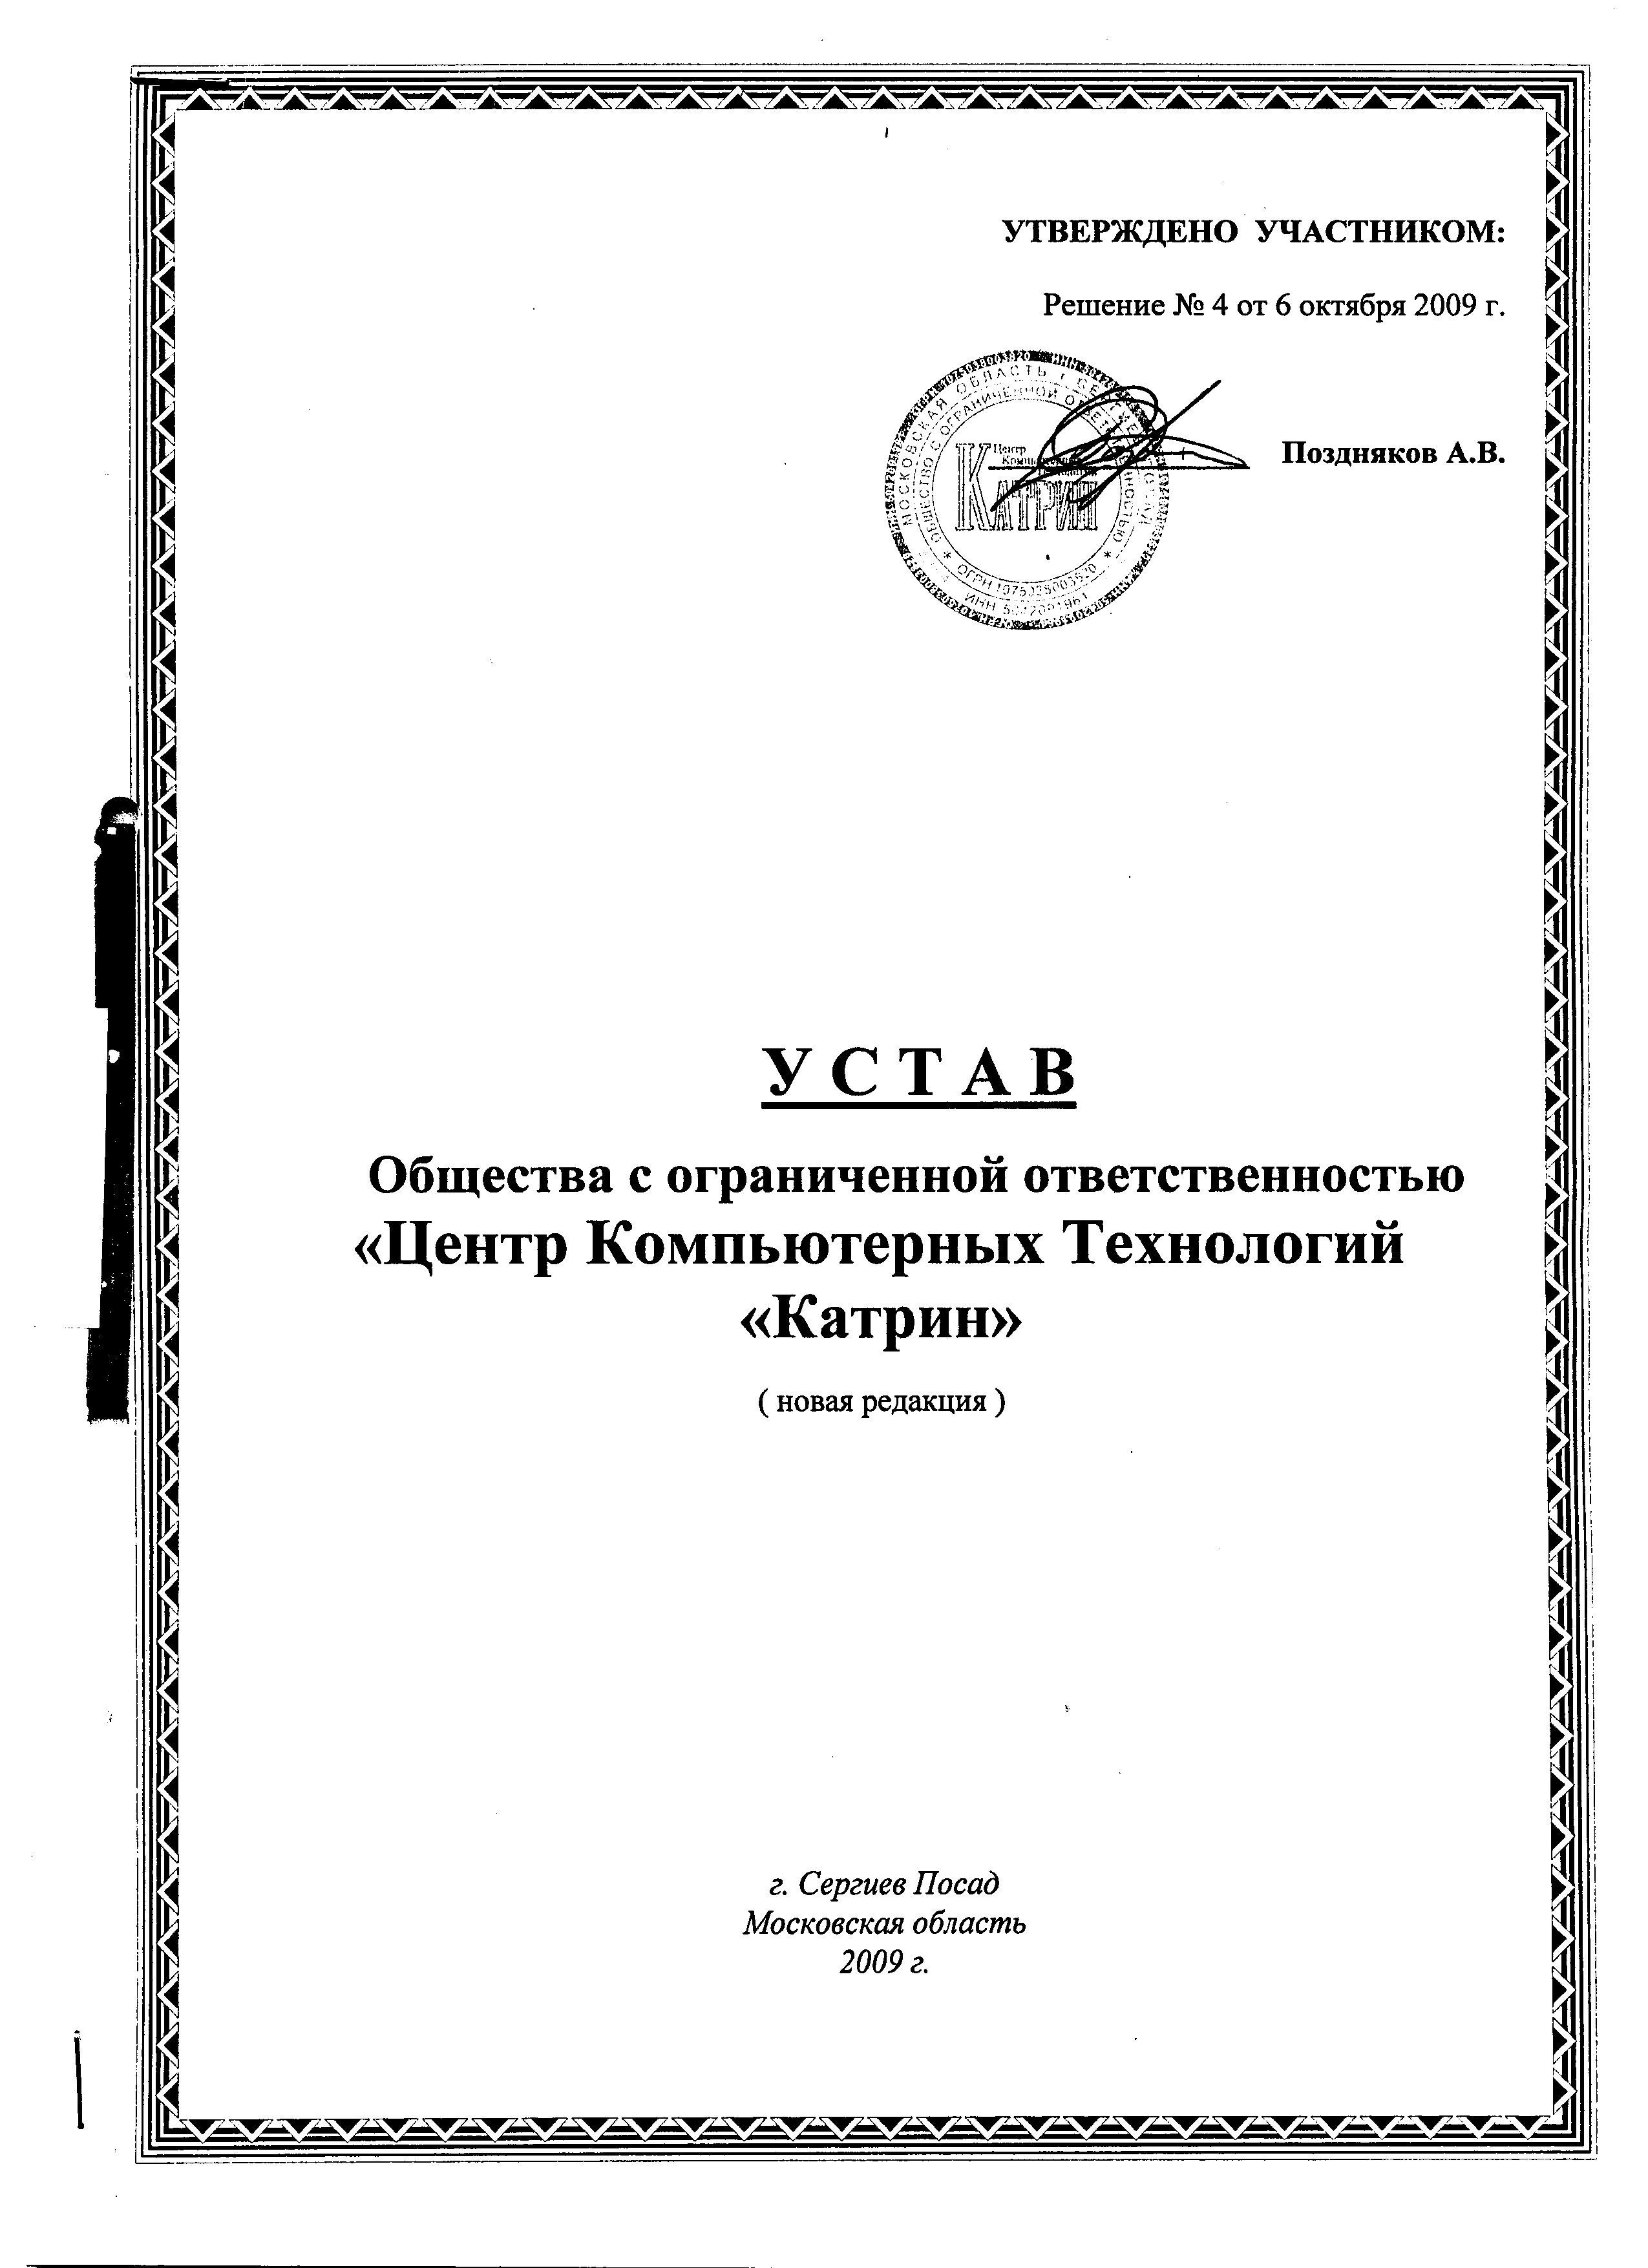 Устав центра компьютерных технологий Катрин